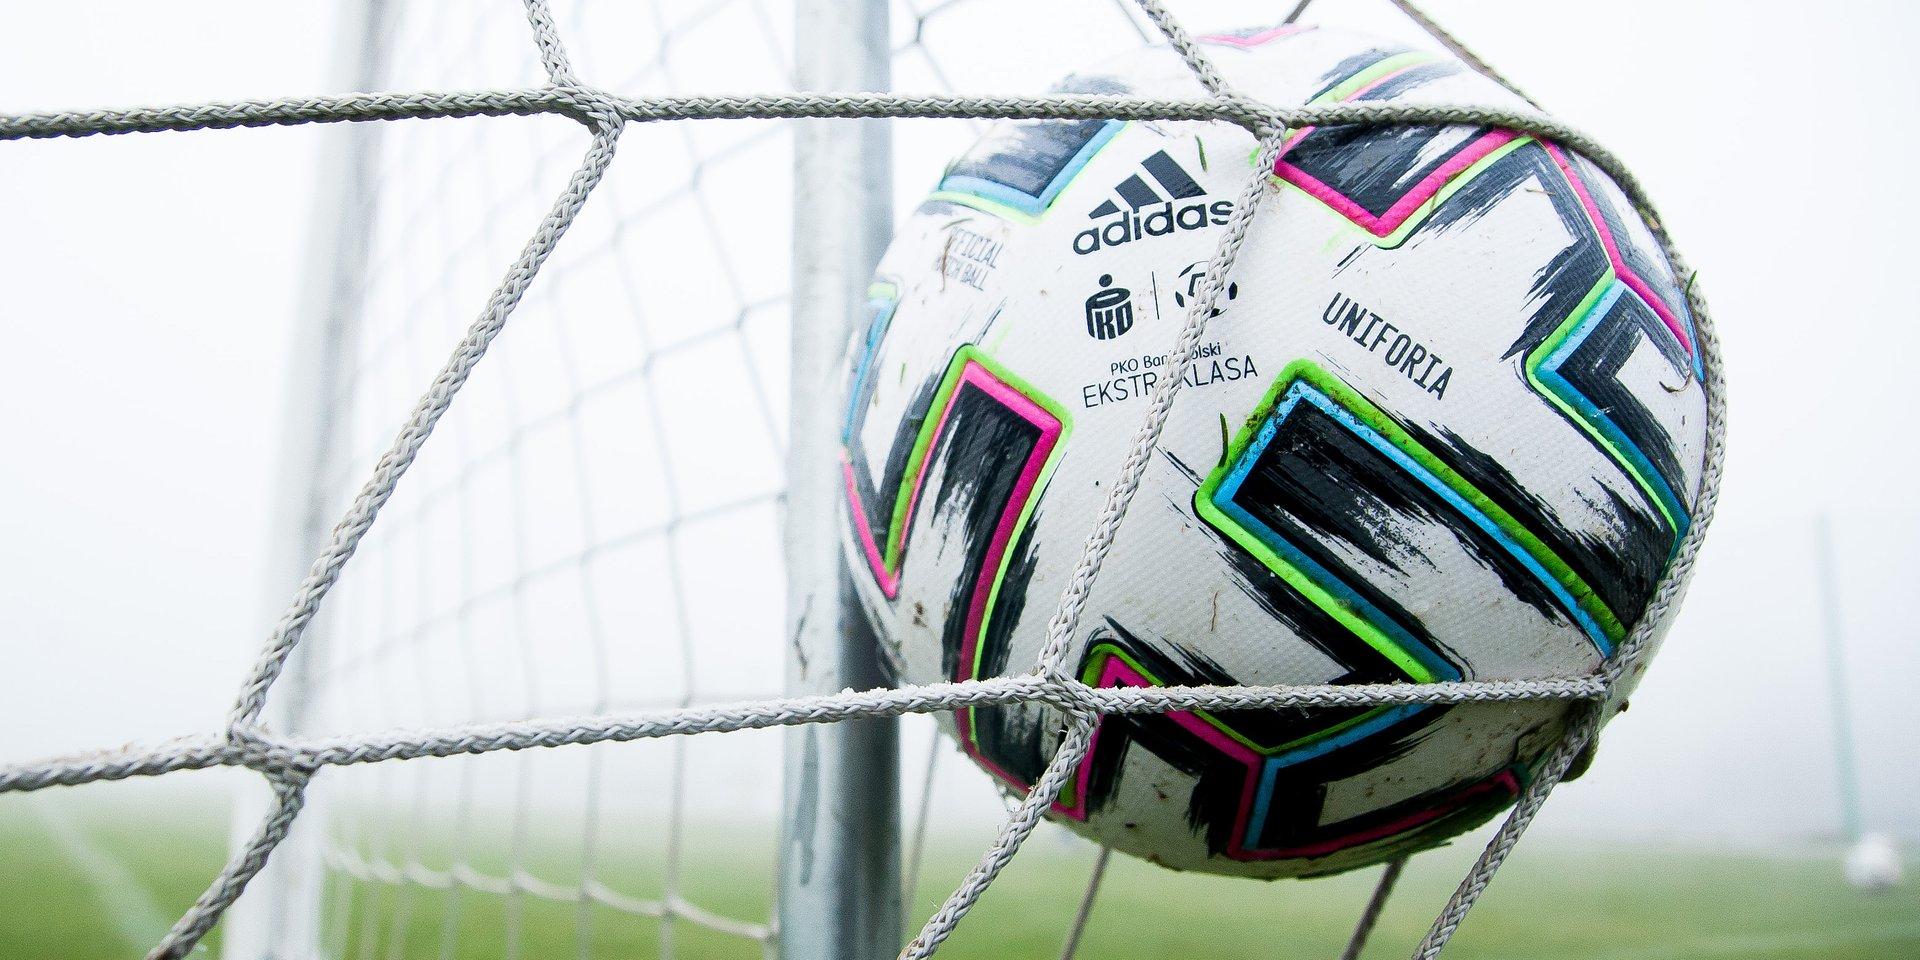 PKO Faktoring z nową umową z Ekstraklasą S.A. Kluby wcześniej otrzymają pieniądze.